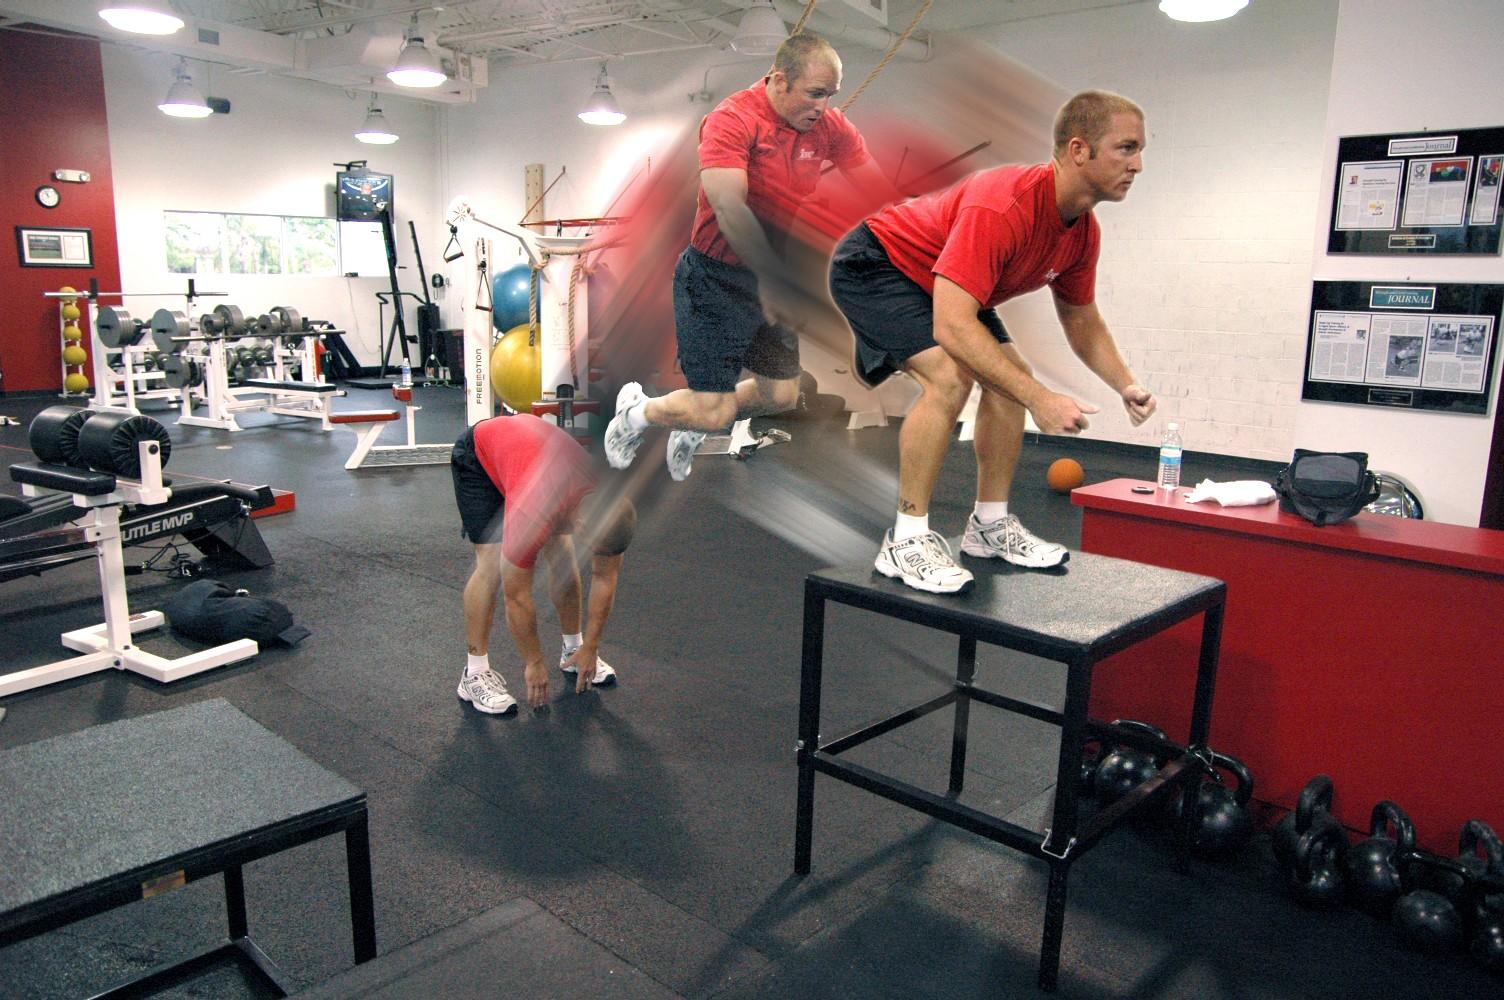 Ejercicios con salto para fortalecer piernas